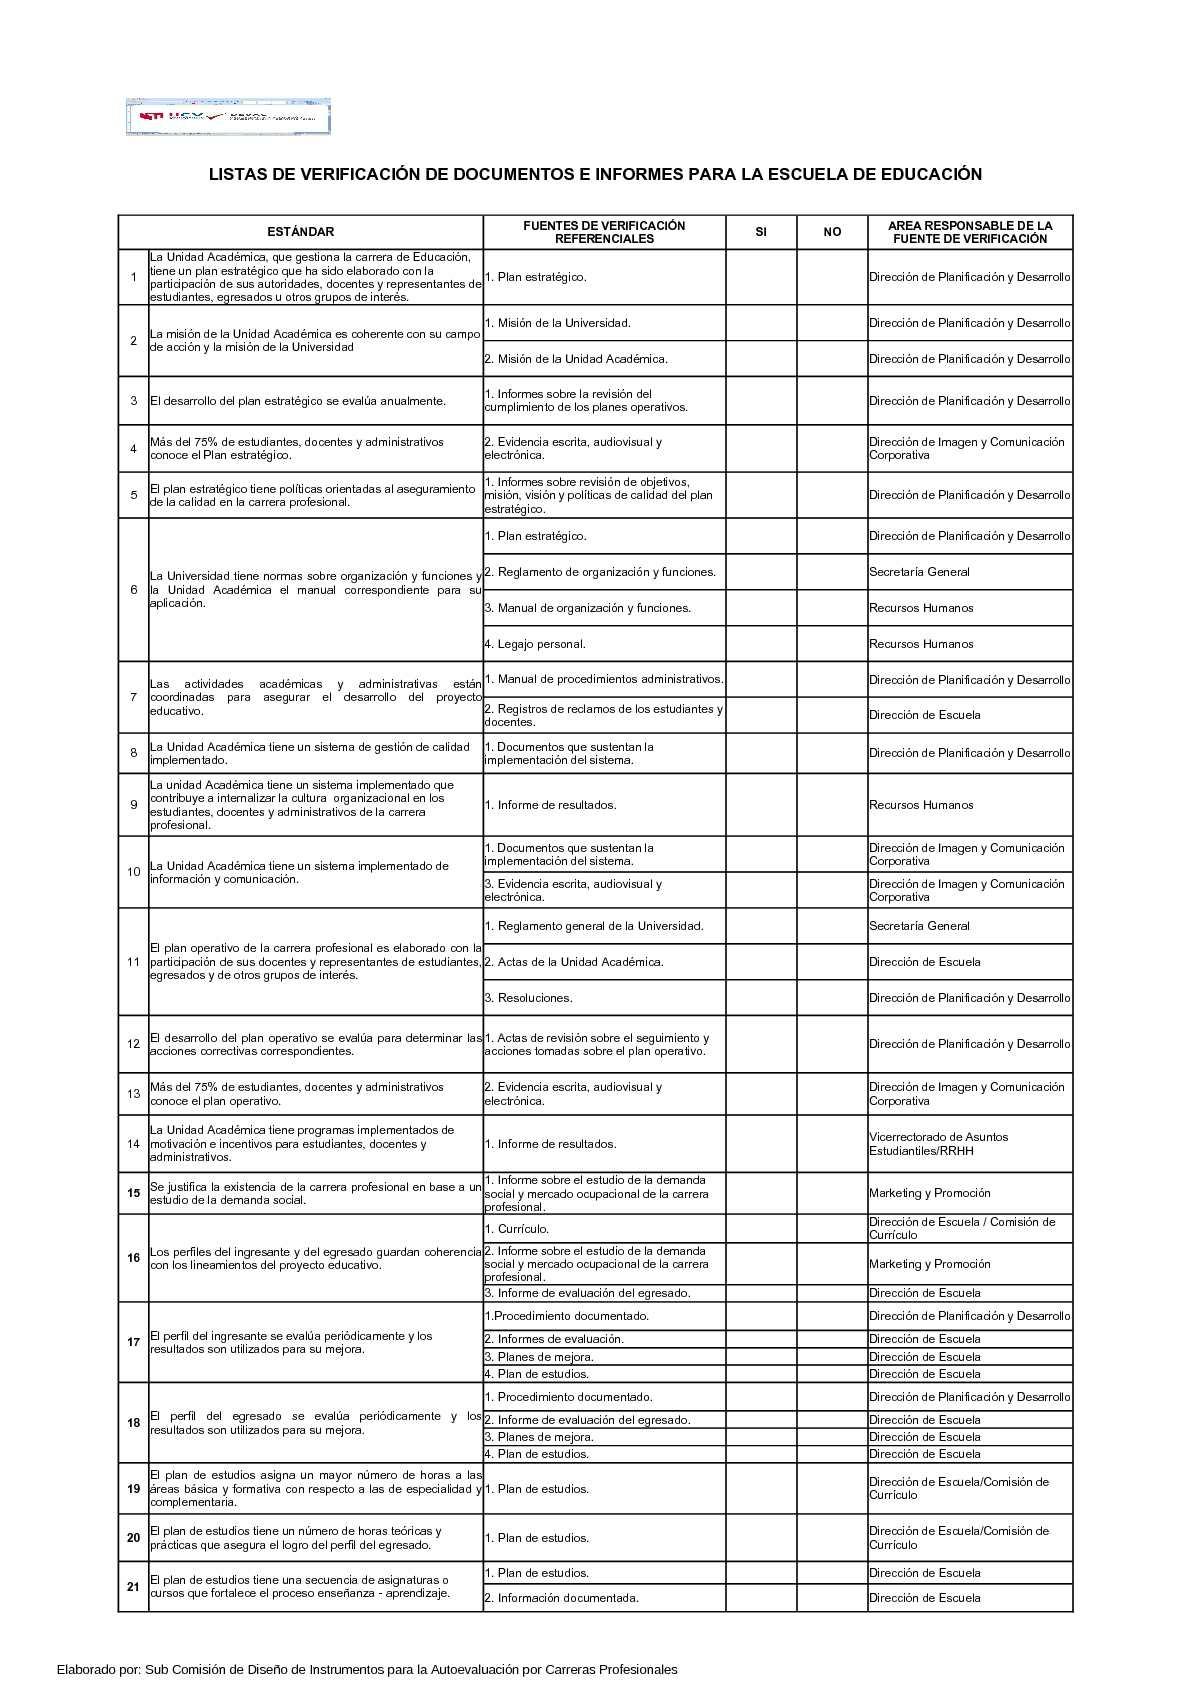 Calaméo - Lista de Verificación - Educación